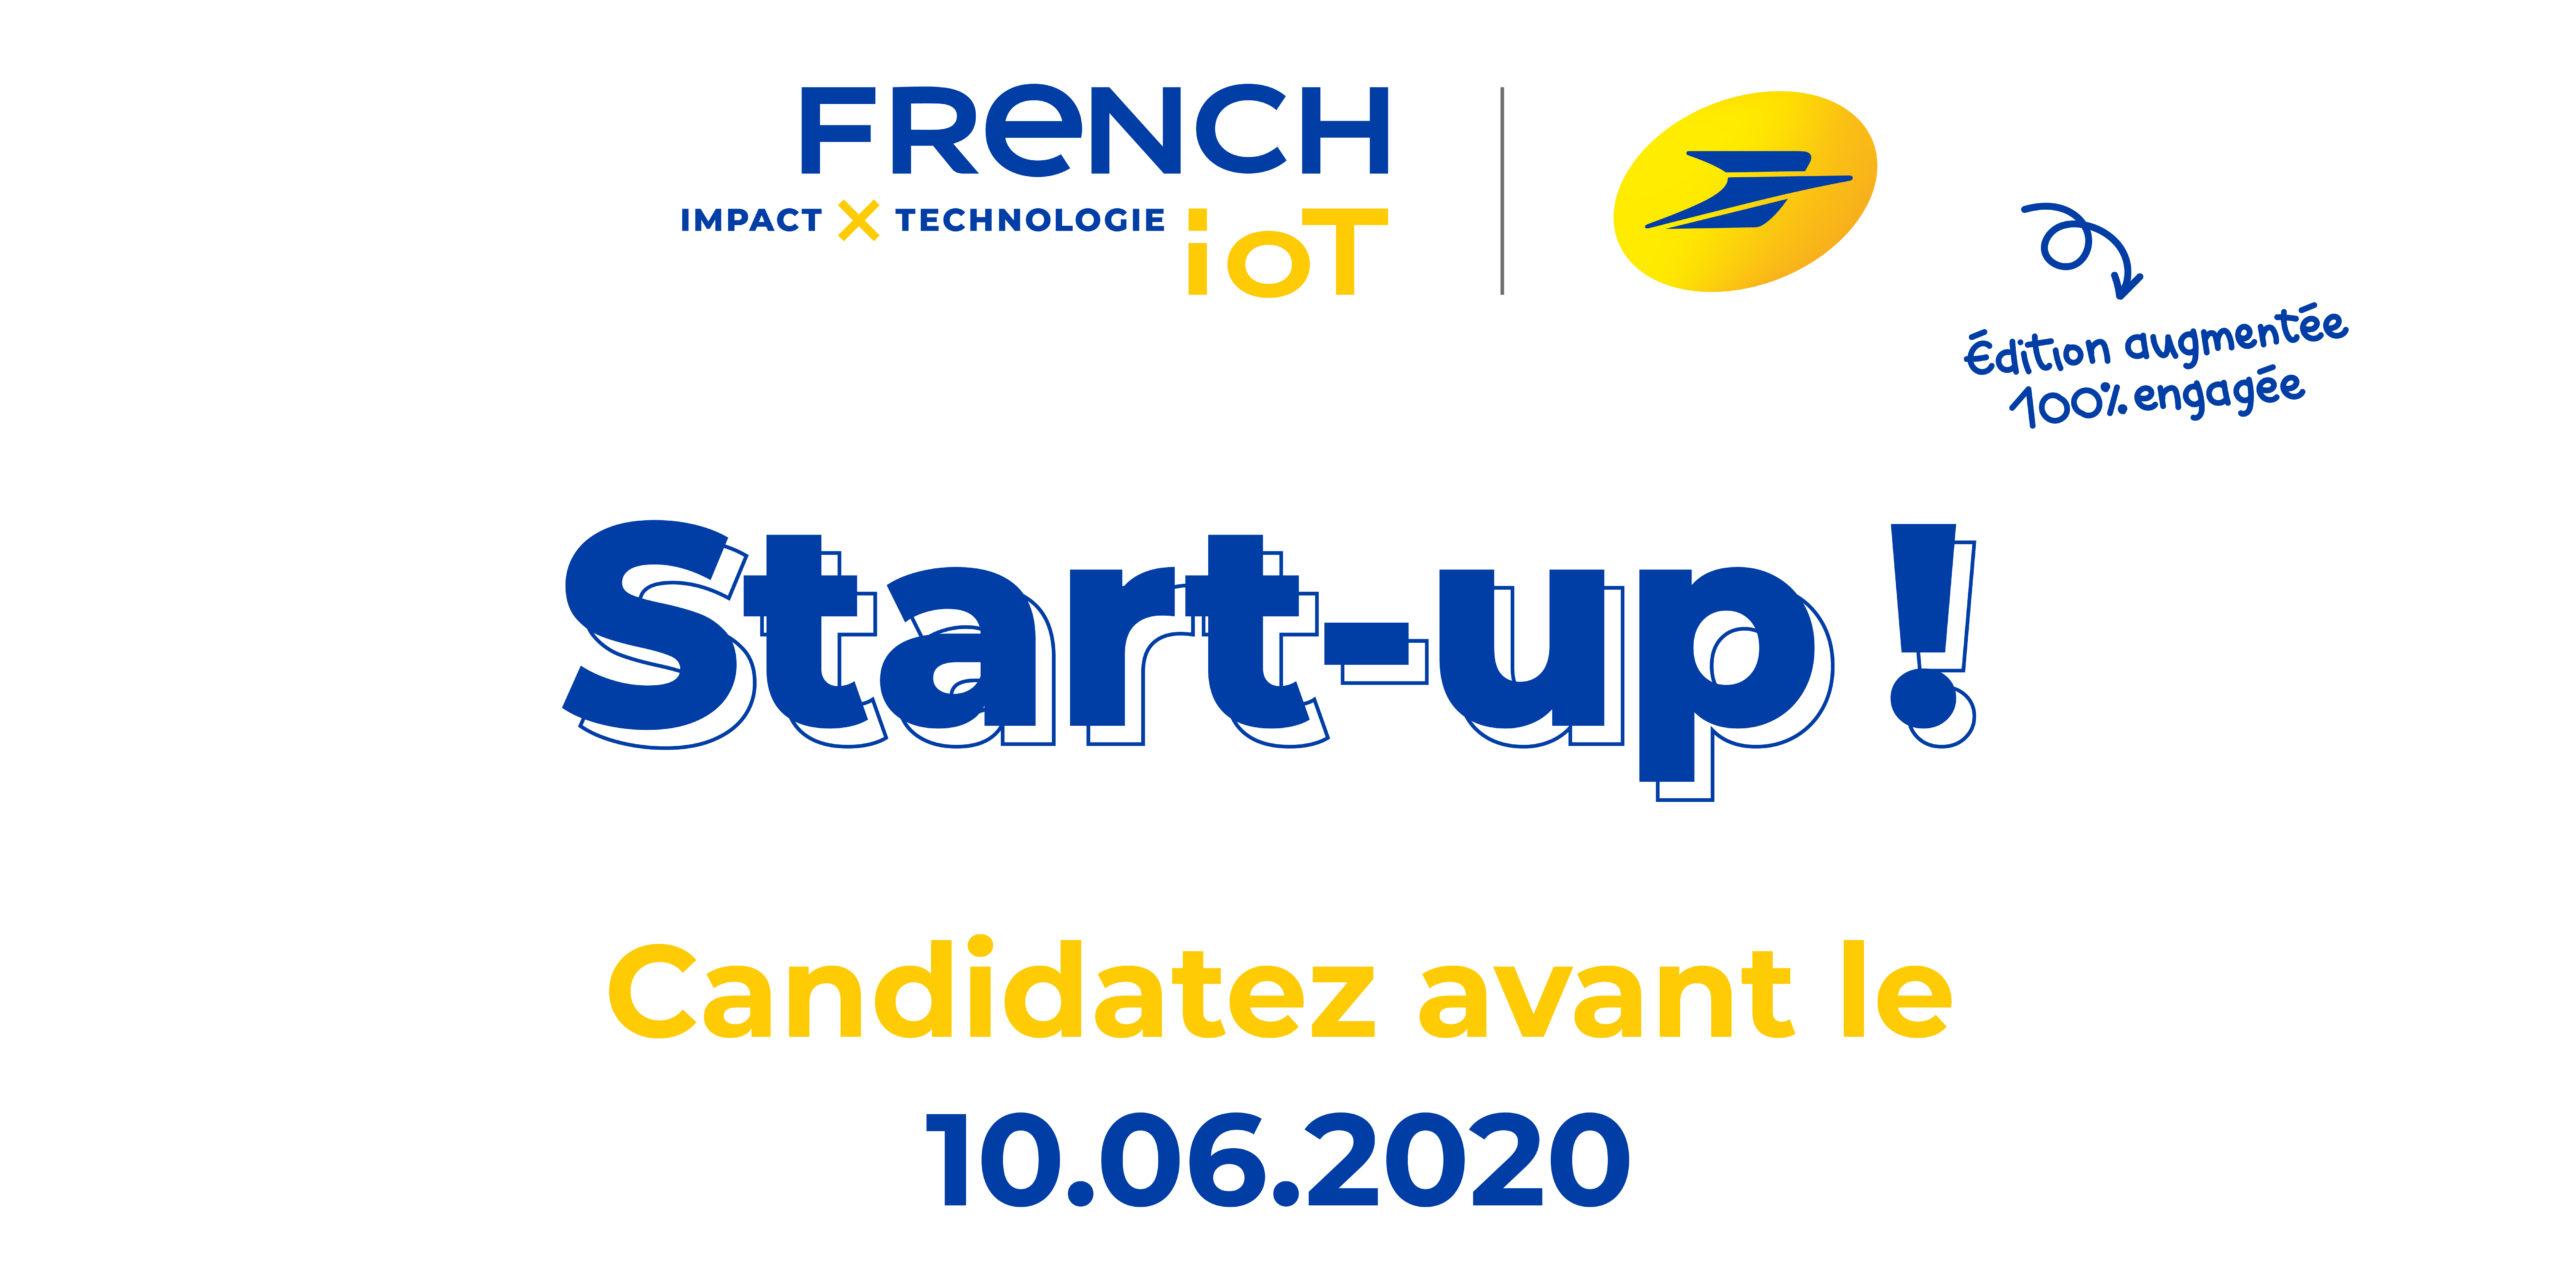 6e édition du concours French IoT 2020 : accompagner le rebond des start-up et la transformation de la société avec des innovations connectées et engagées